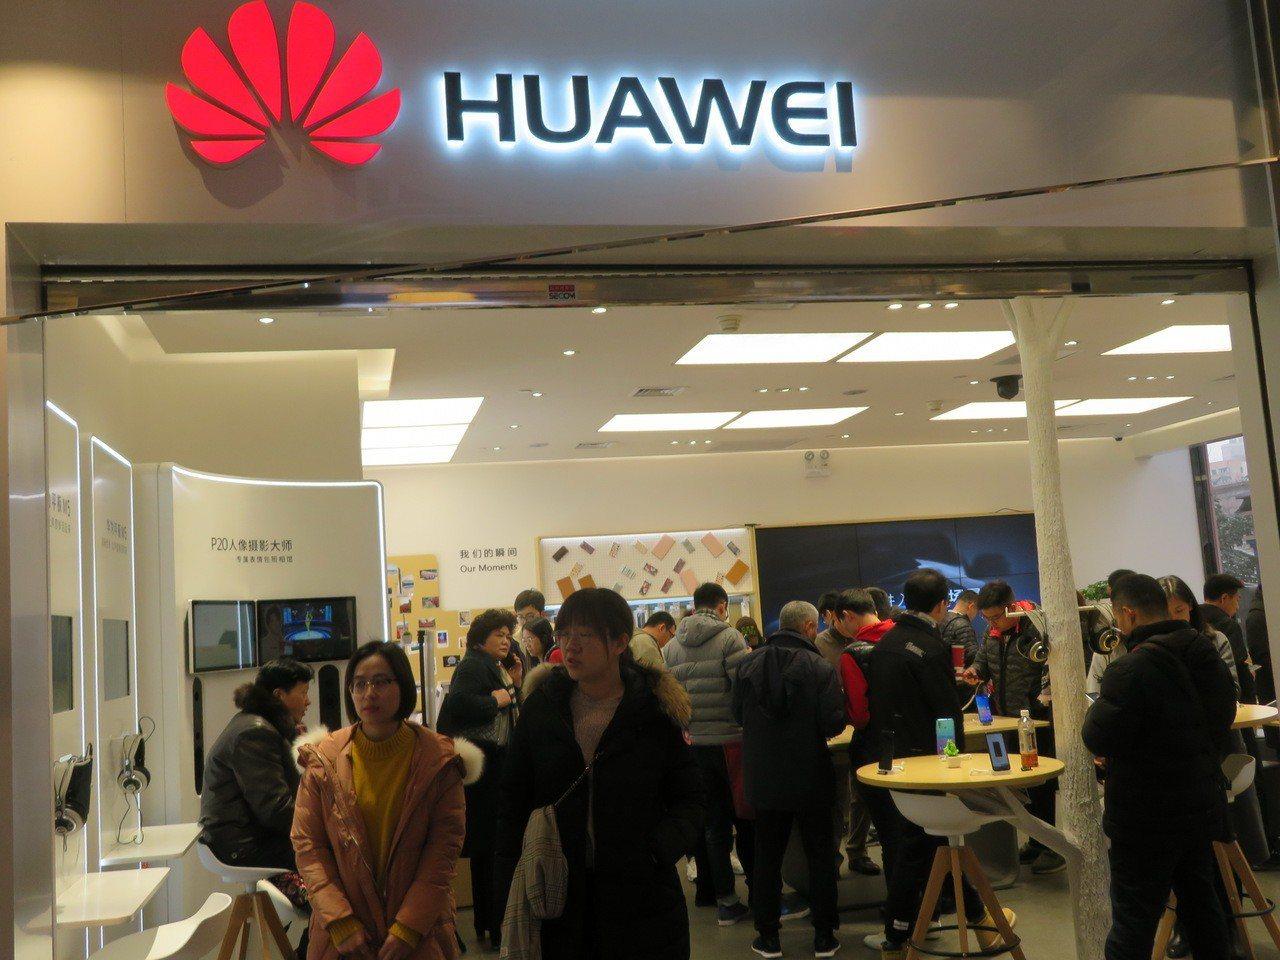 華為消費者業務CEO余承東提出,希望華為未來做到全球第一,旗下的榮耀品牌能做到中...